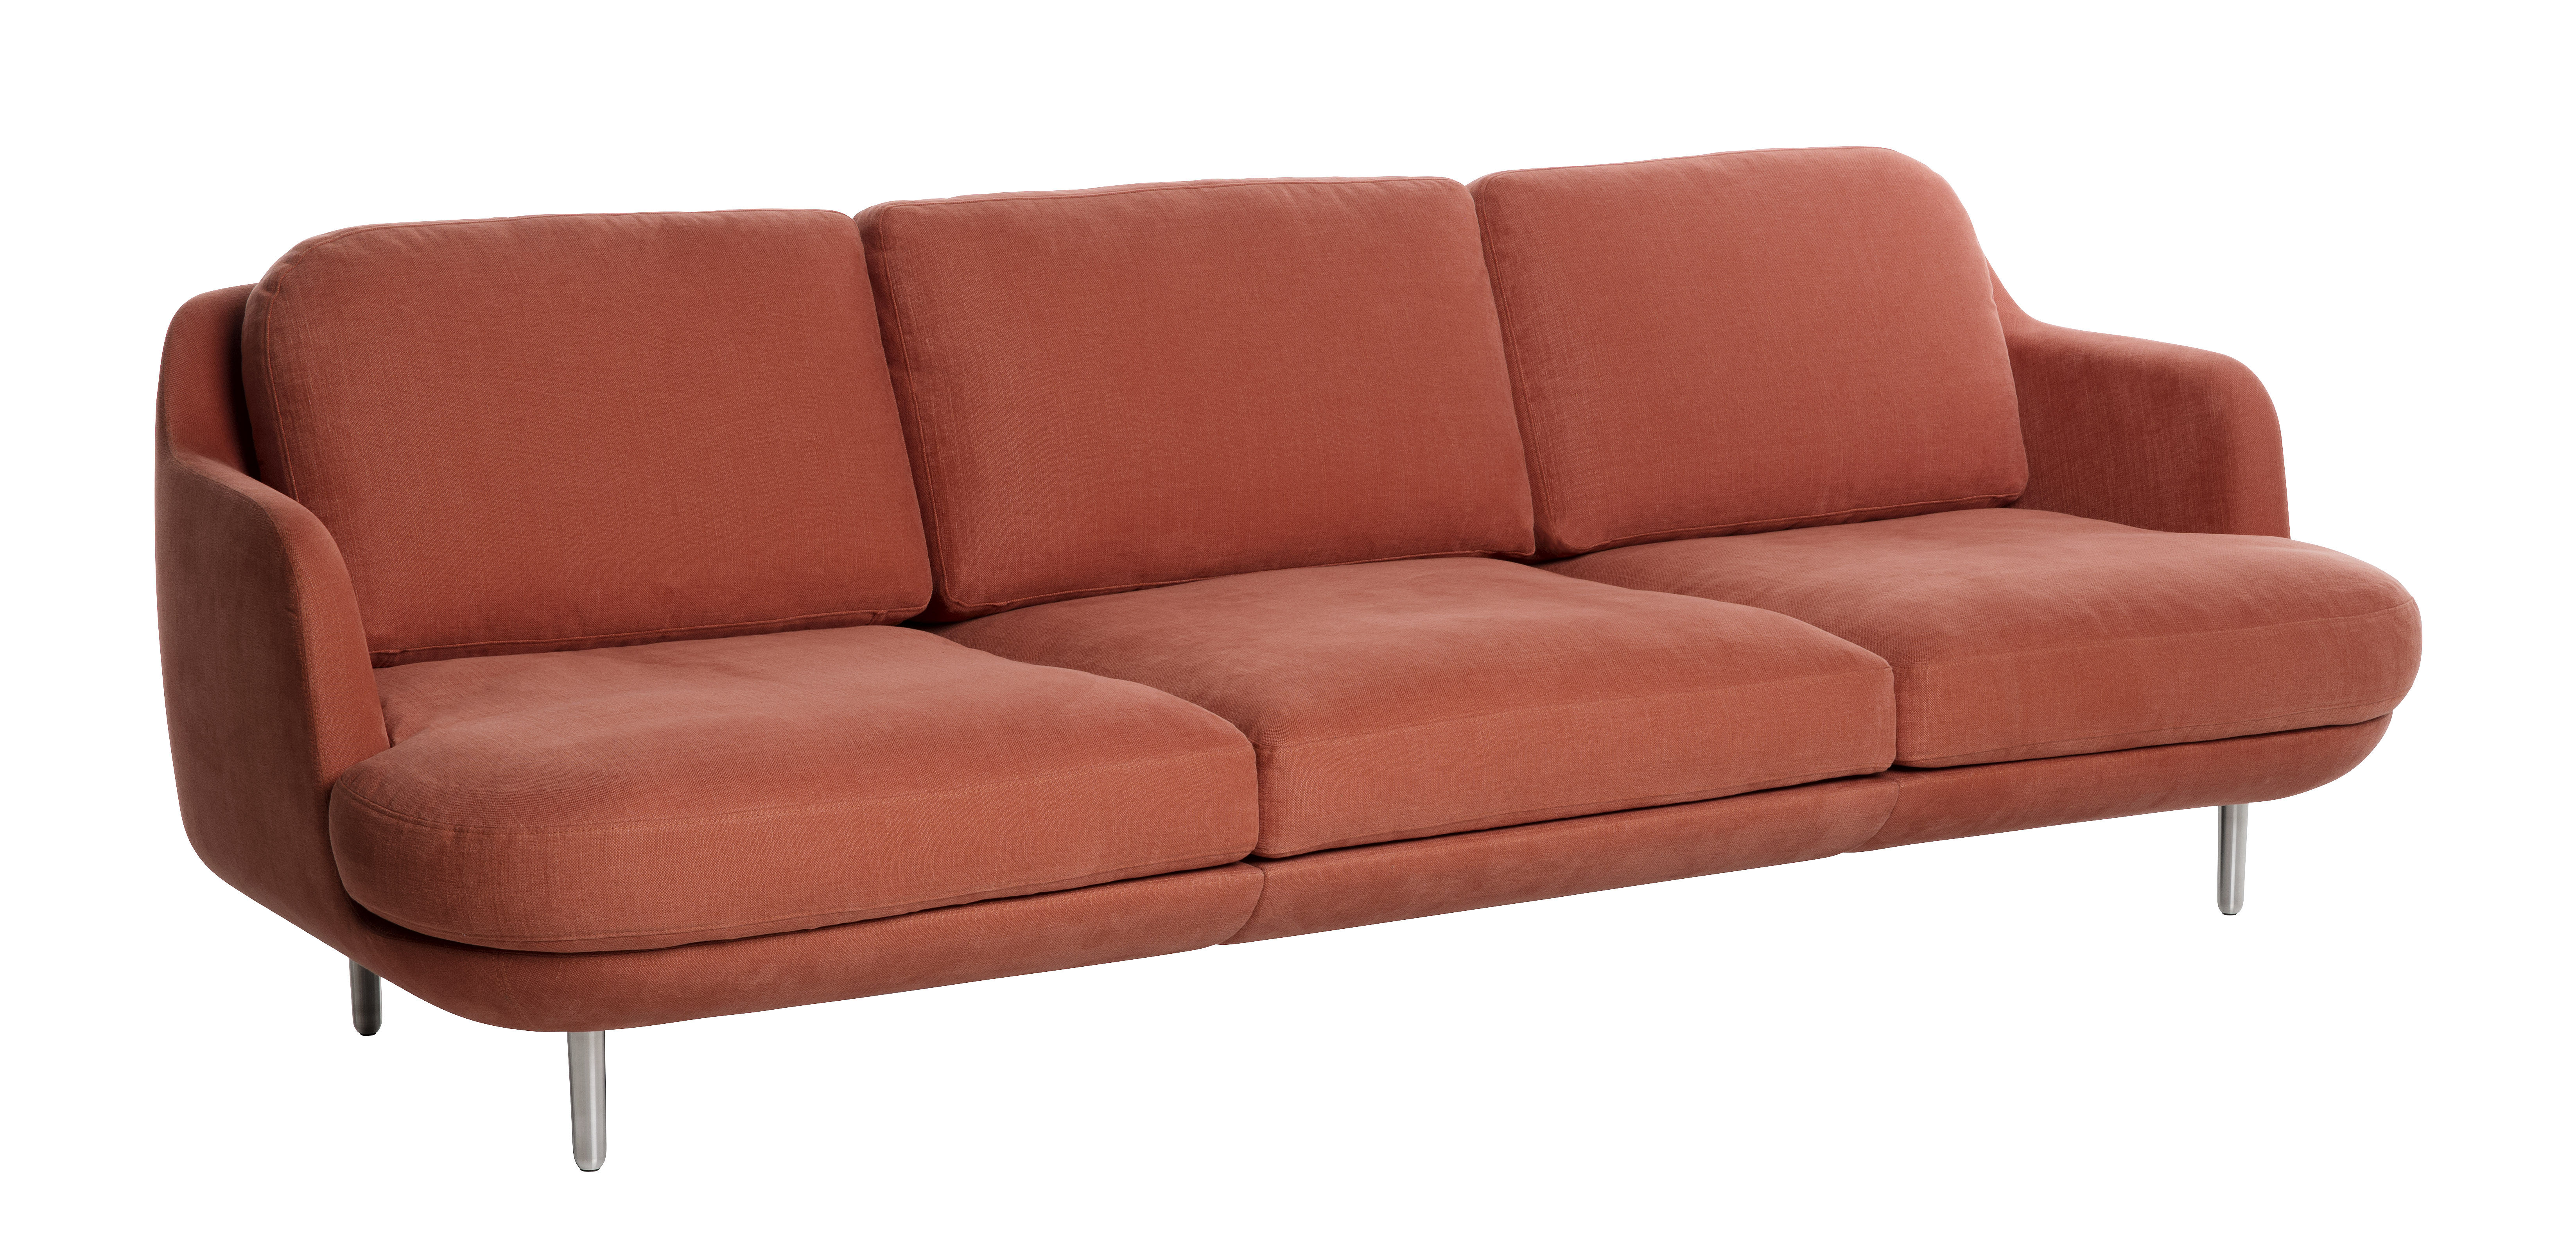 canap droit lune 3 places l 227 cm orange pieds alu bross fritz hansen. Black Bedroom Furniture Sets. Home Design Ideas